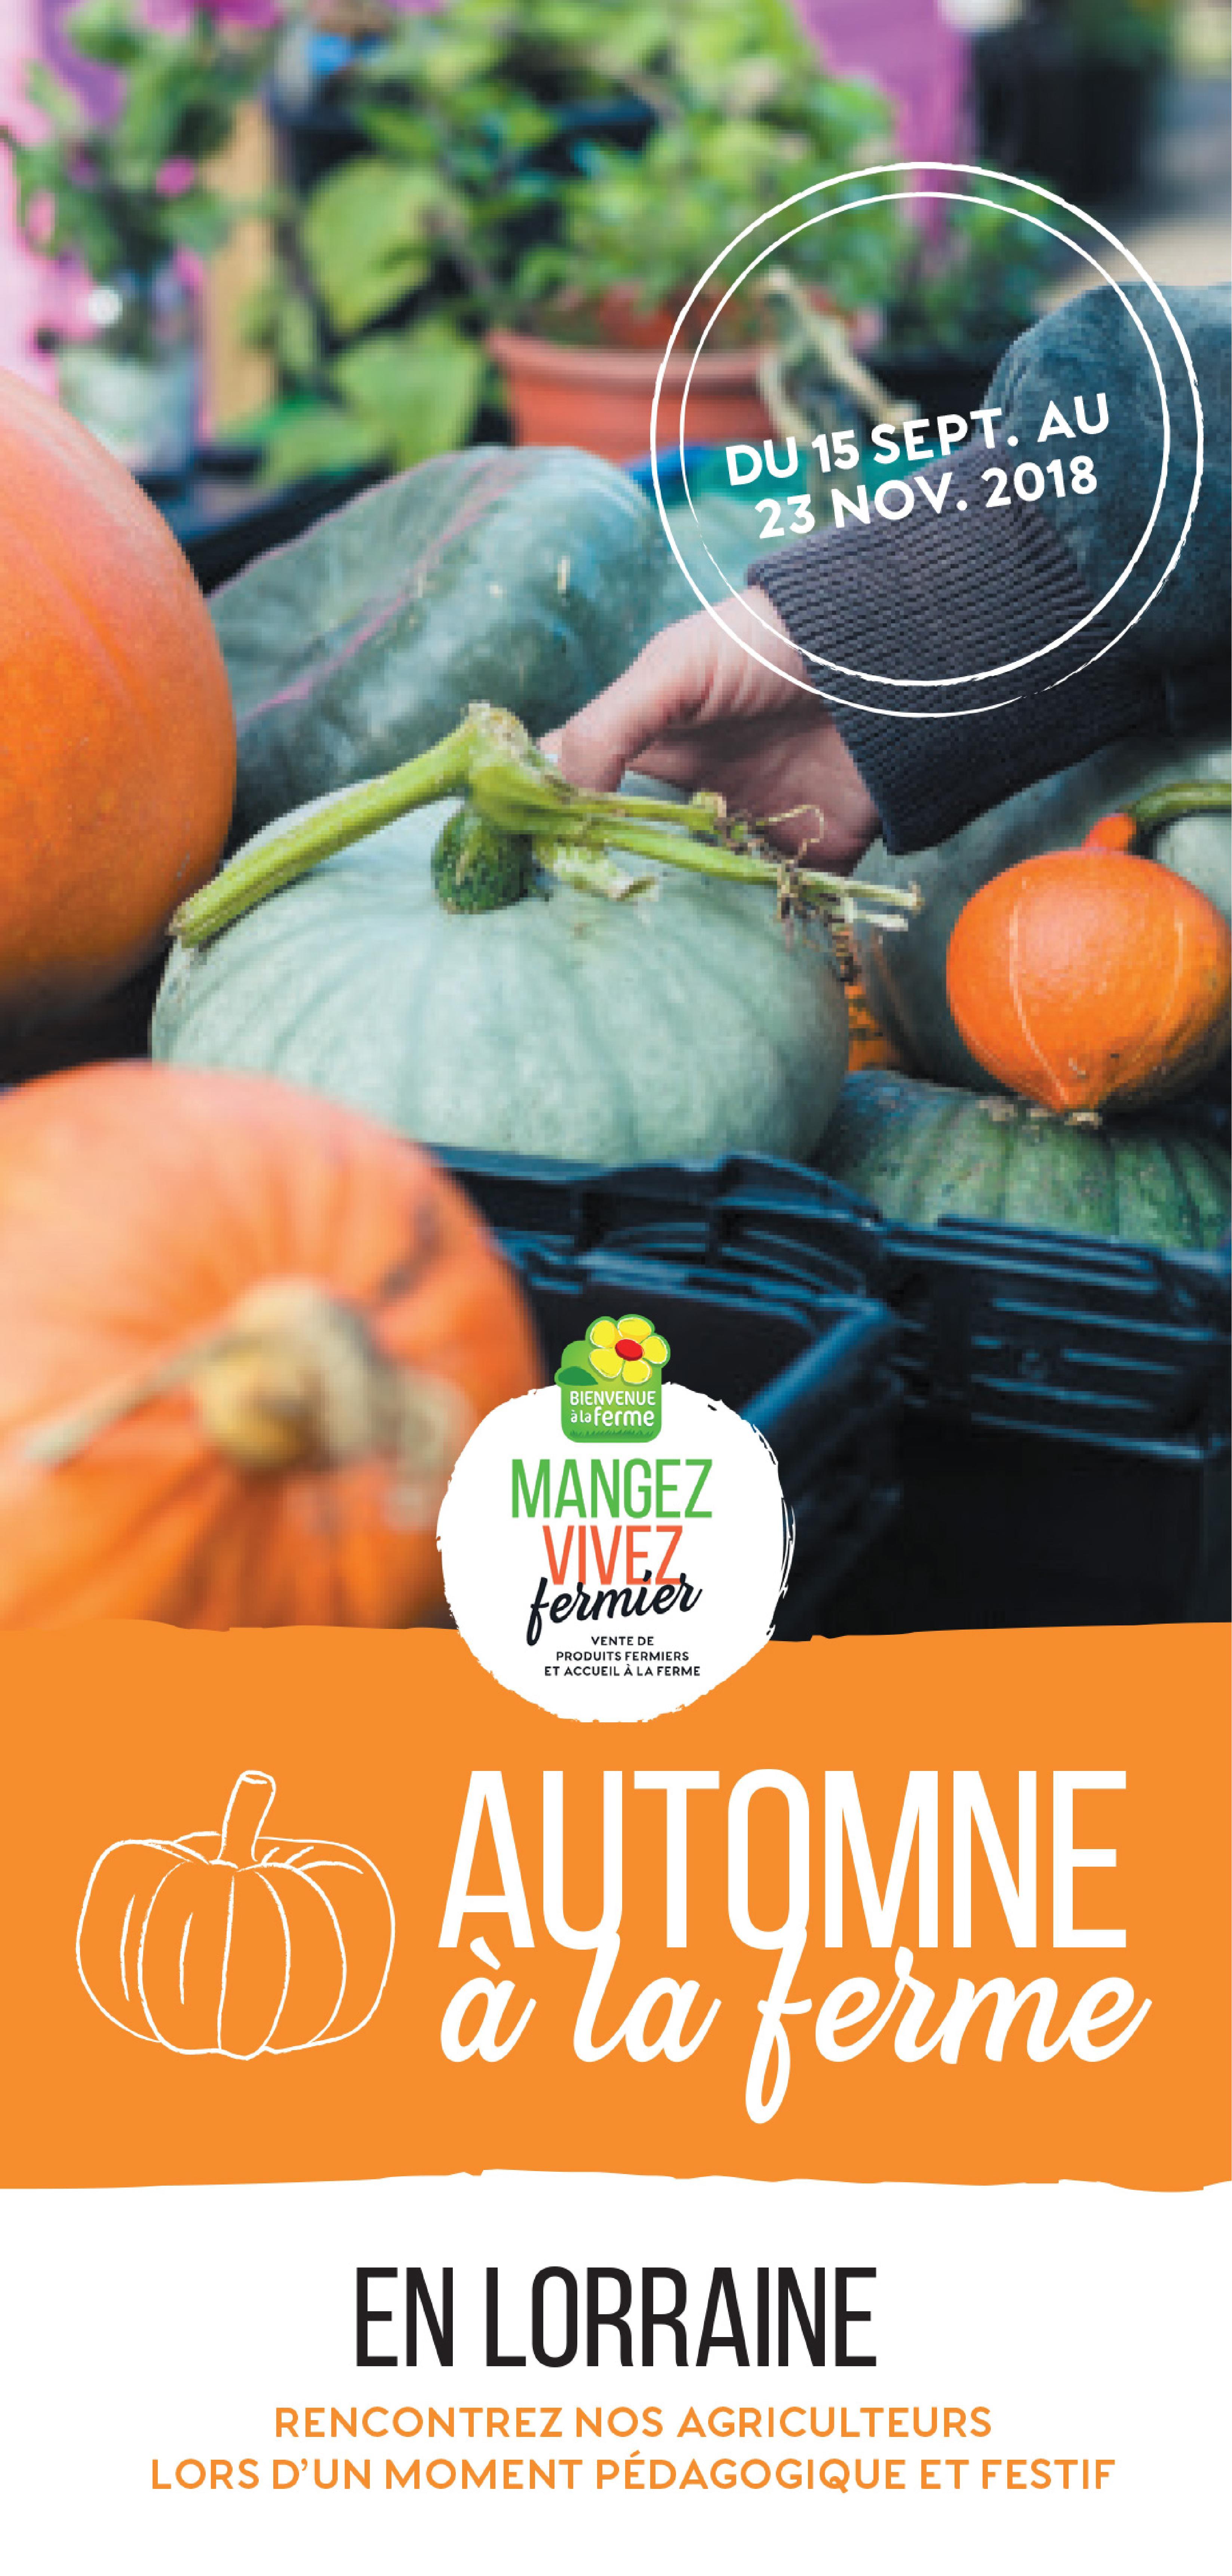 Programme Automne à la ferme en Lorraine 2018